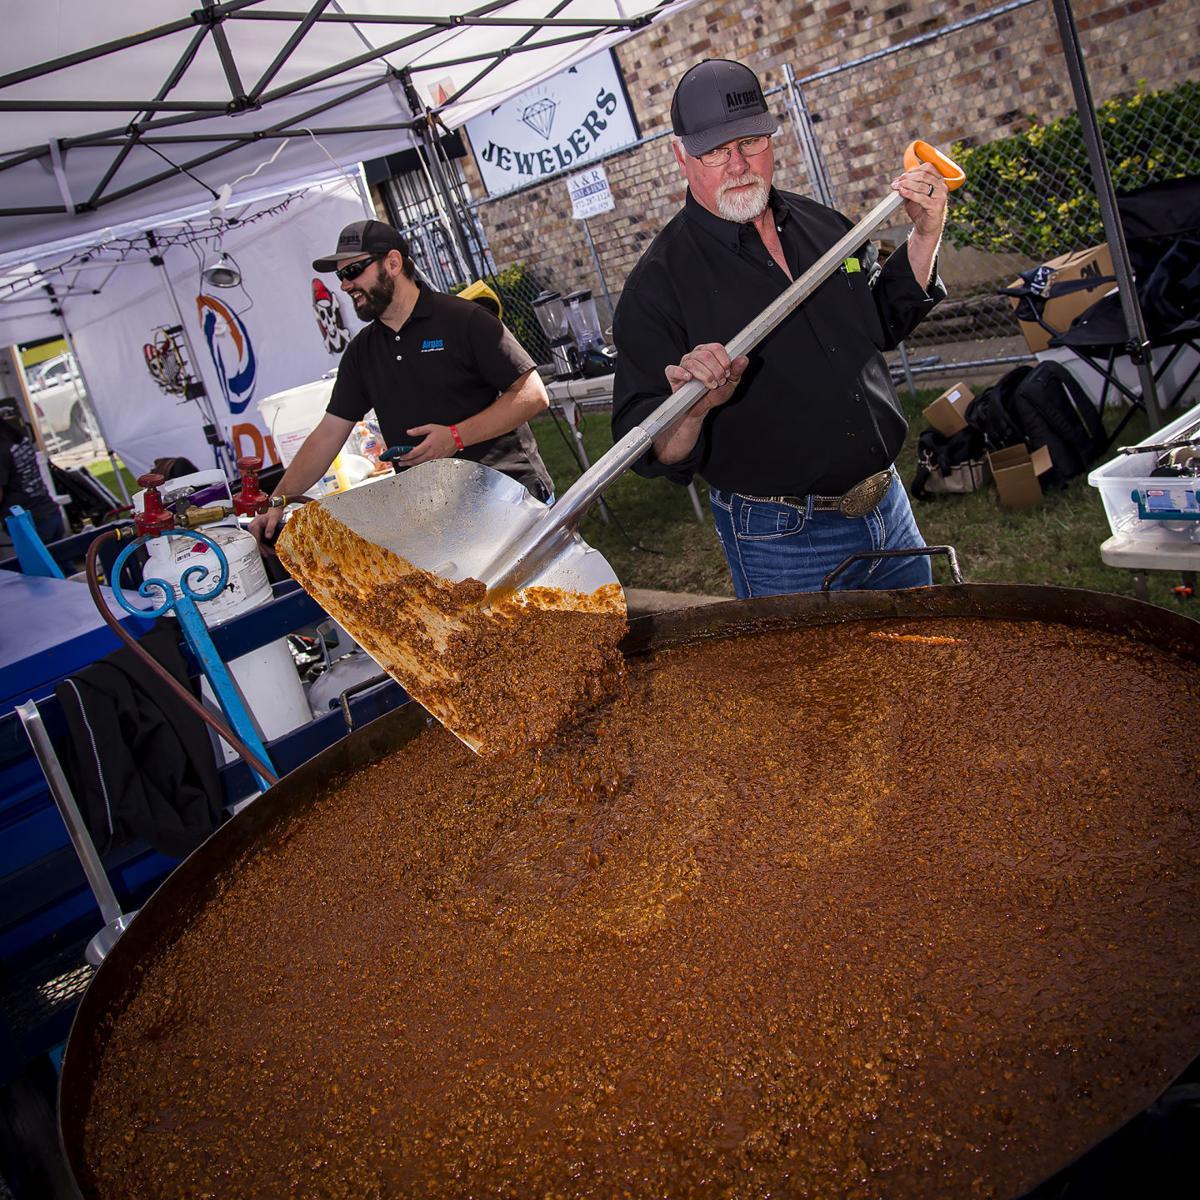 Oilments Chili Cookoff